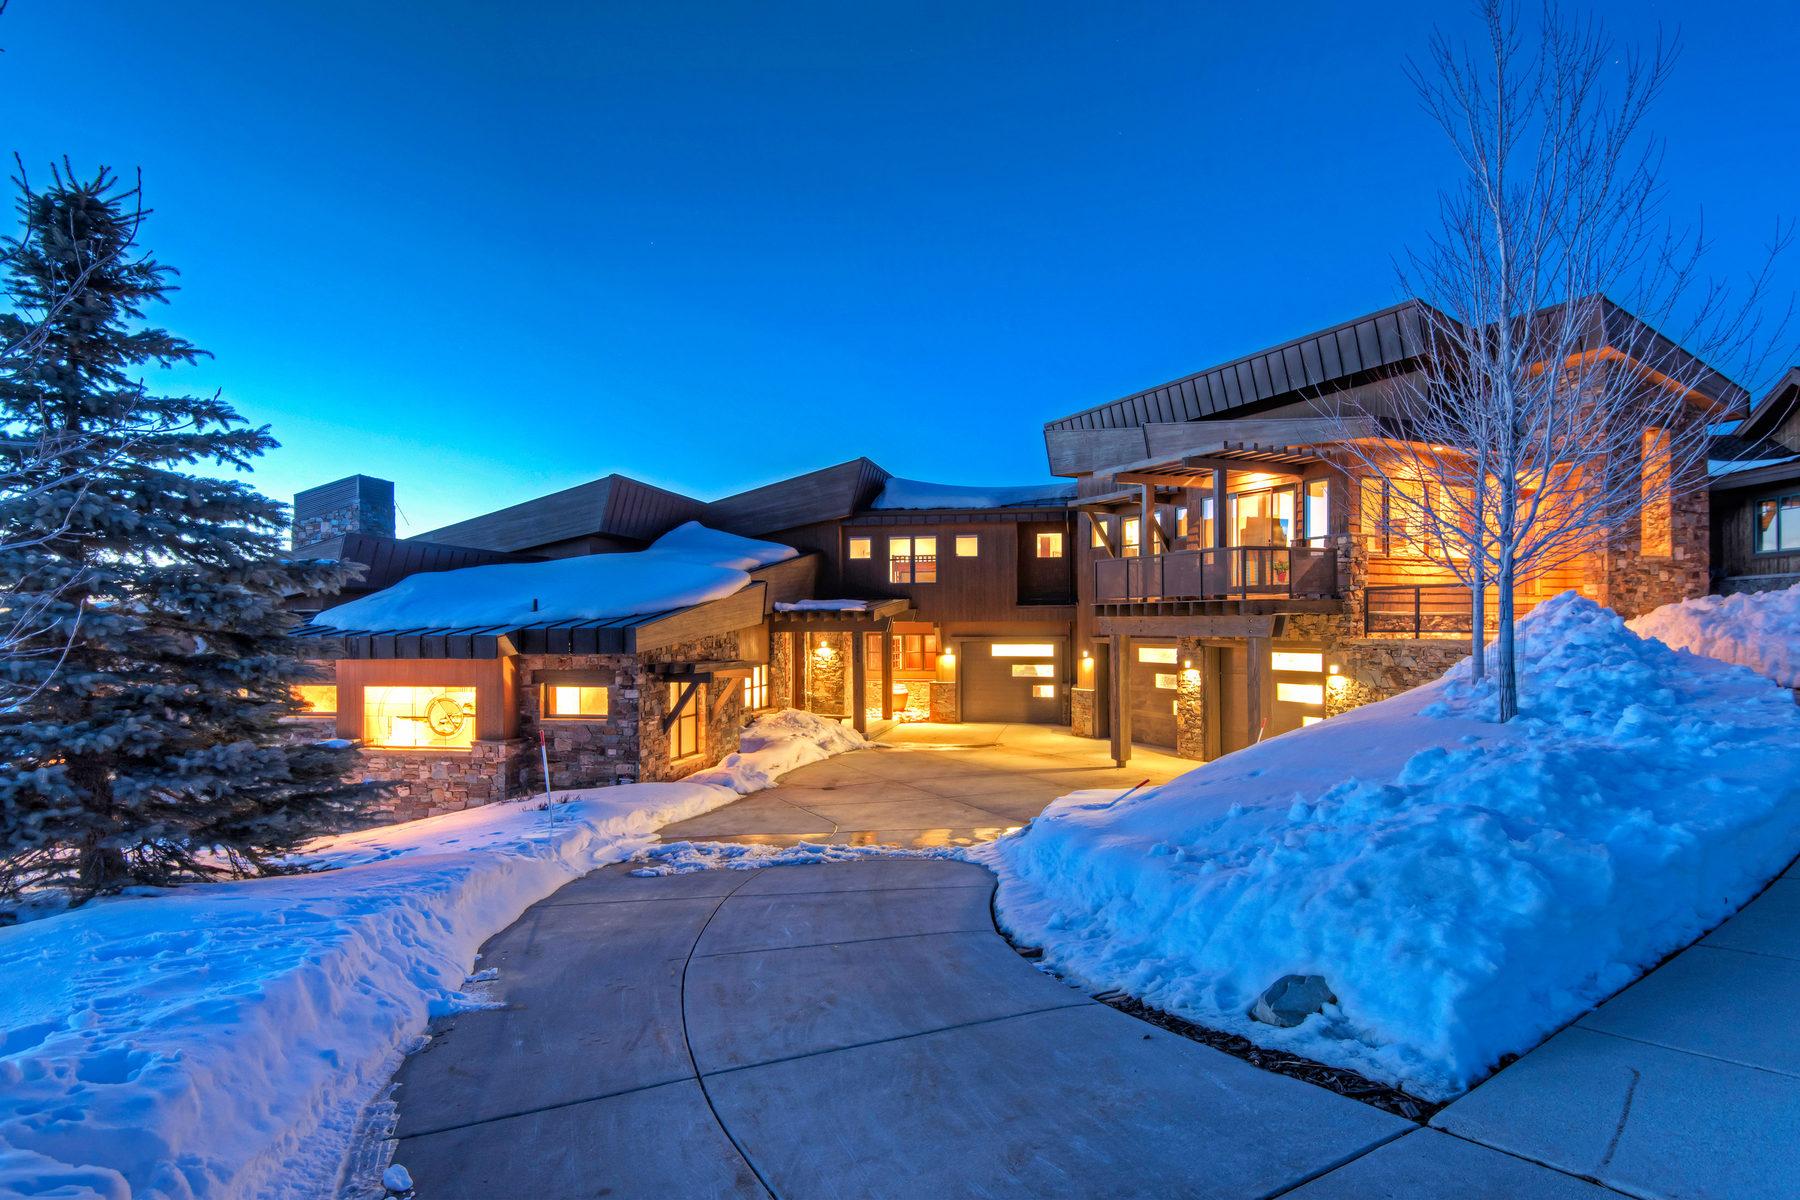 独户住宅 为 销售 在 Painted Sky Views 7625 Outpost Way 帕克城, 犹他州, 84098 美国